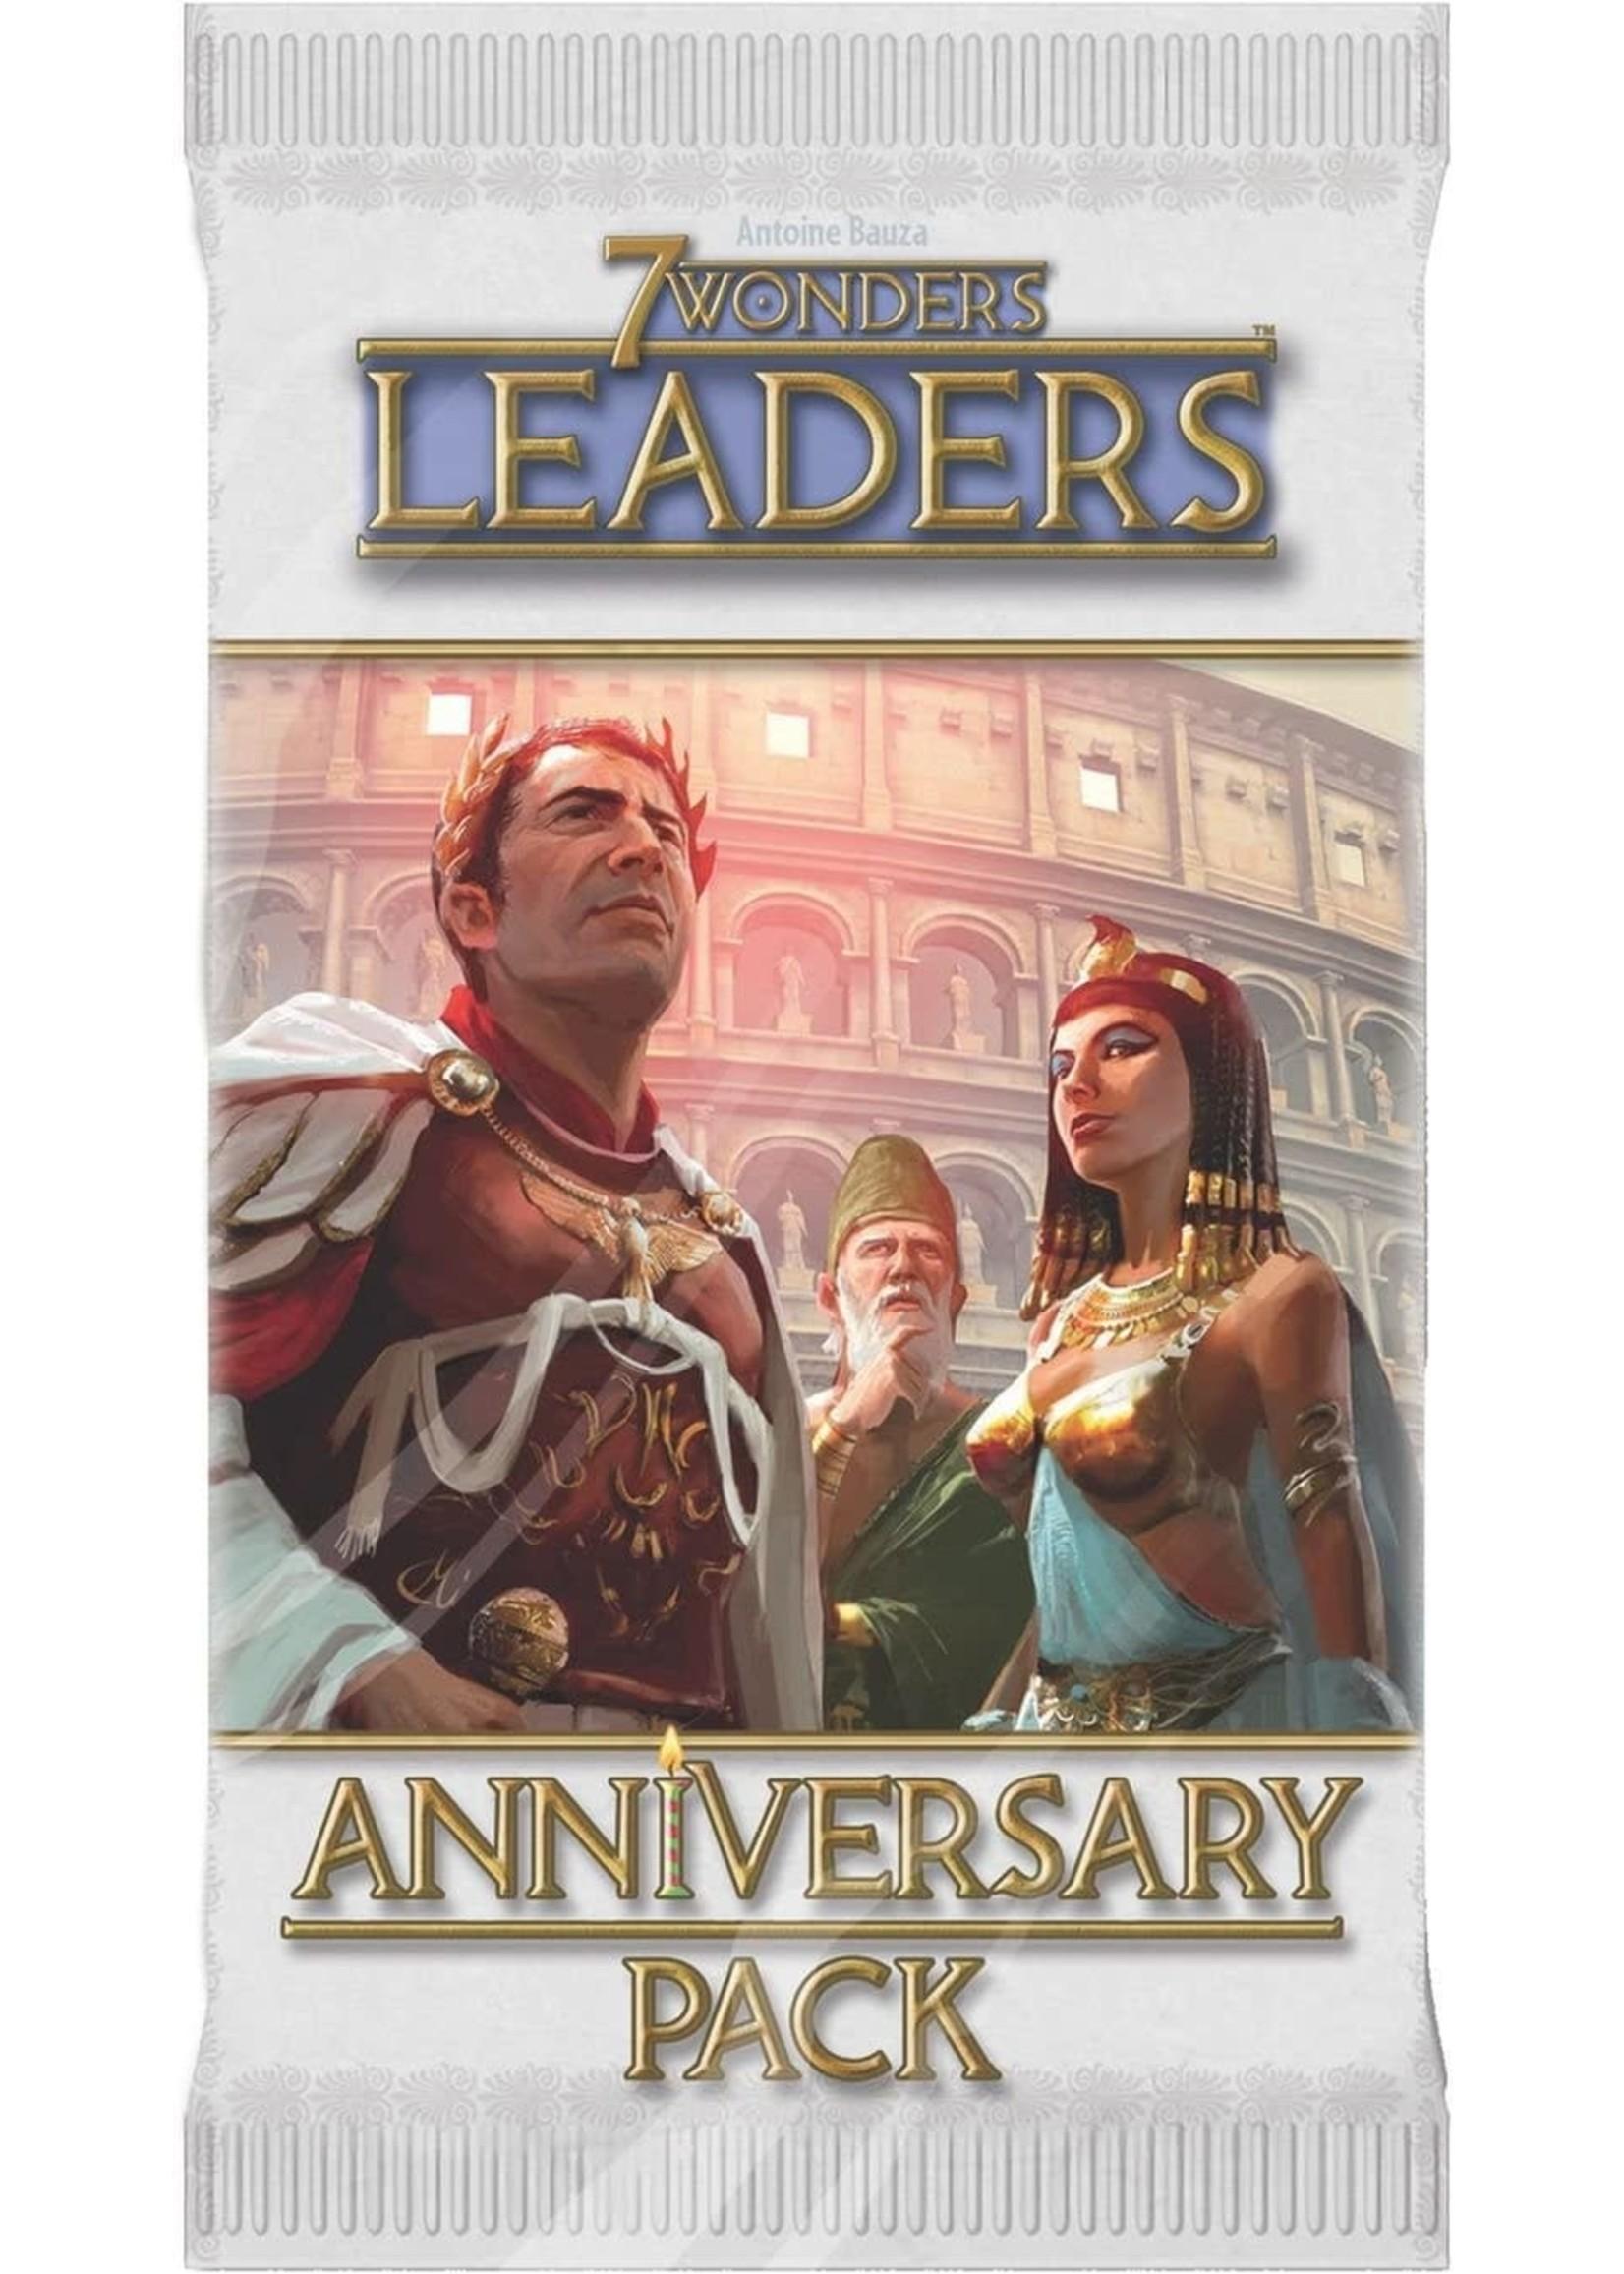 7 Wonders Leader Anniversary Pack